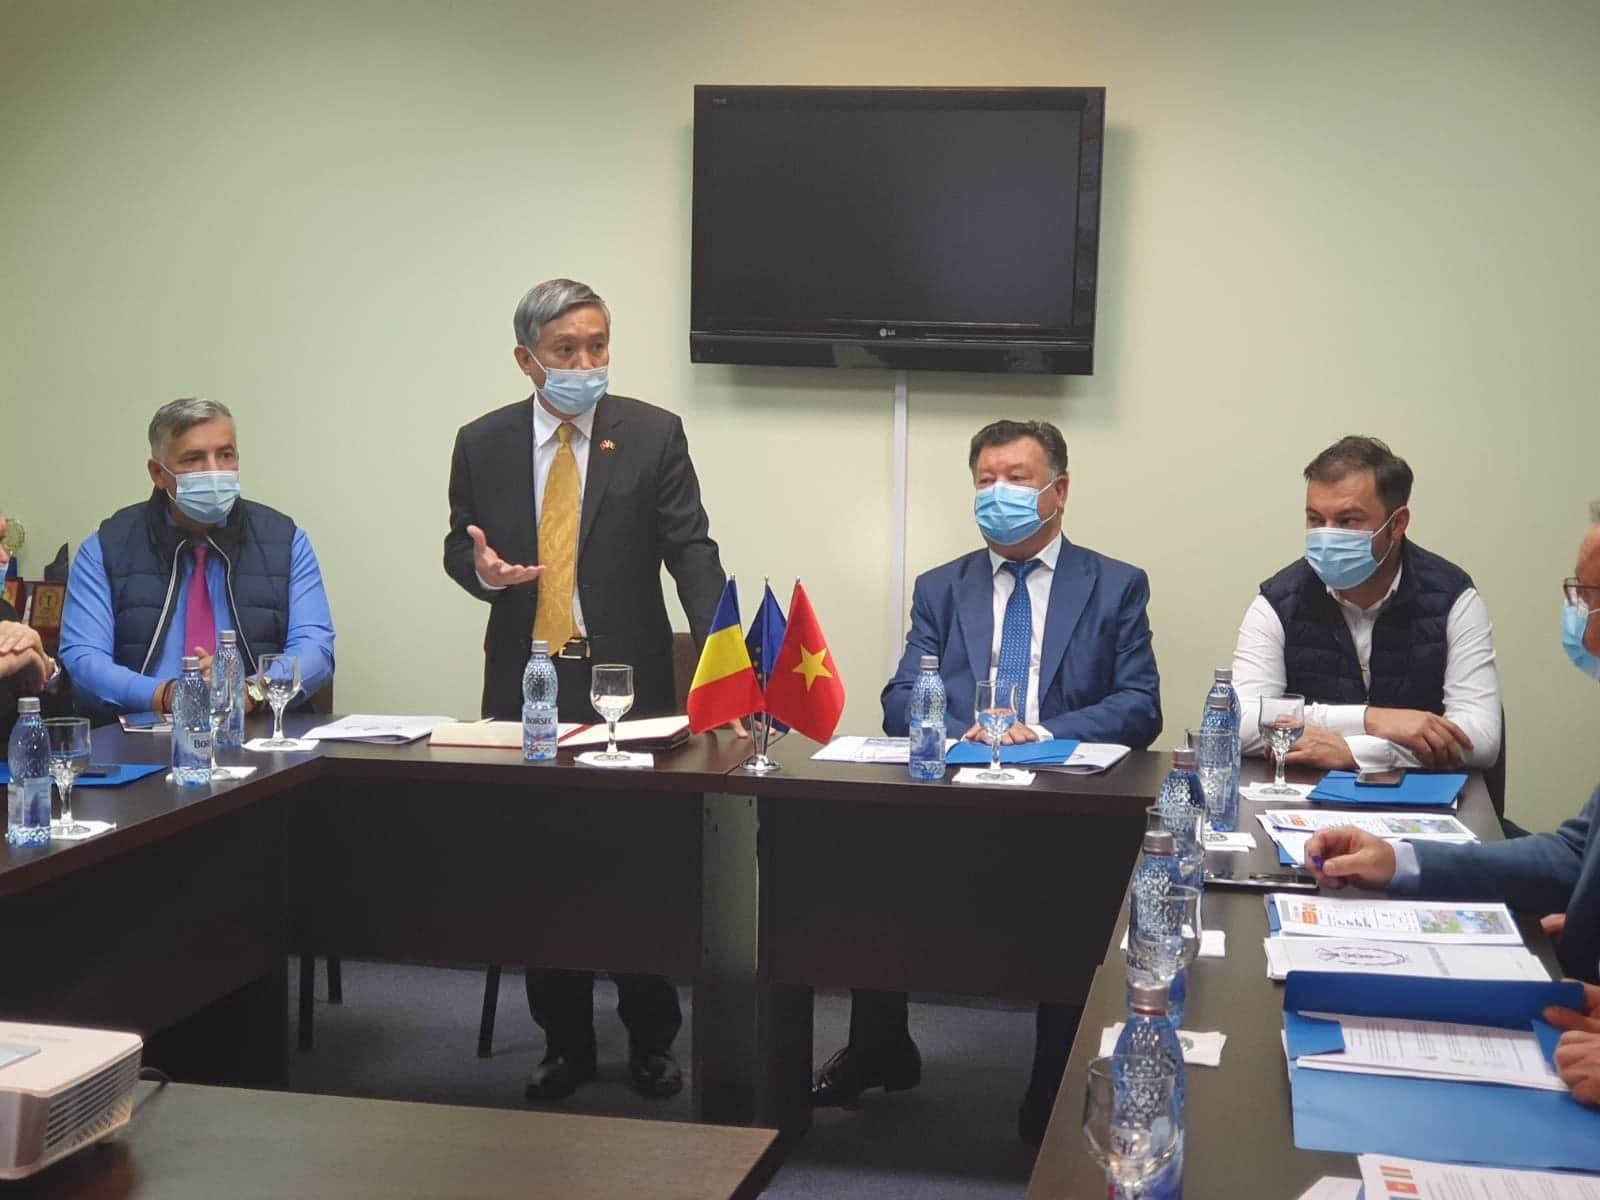 Ambasadorul Vietnamului, în vizită la Camera de Comerț și Industrie a Județului Neamț